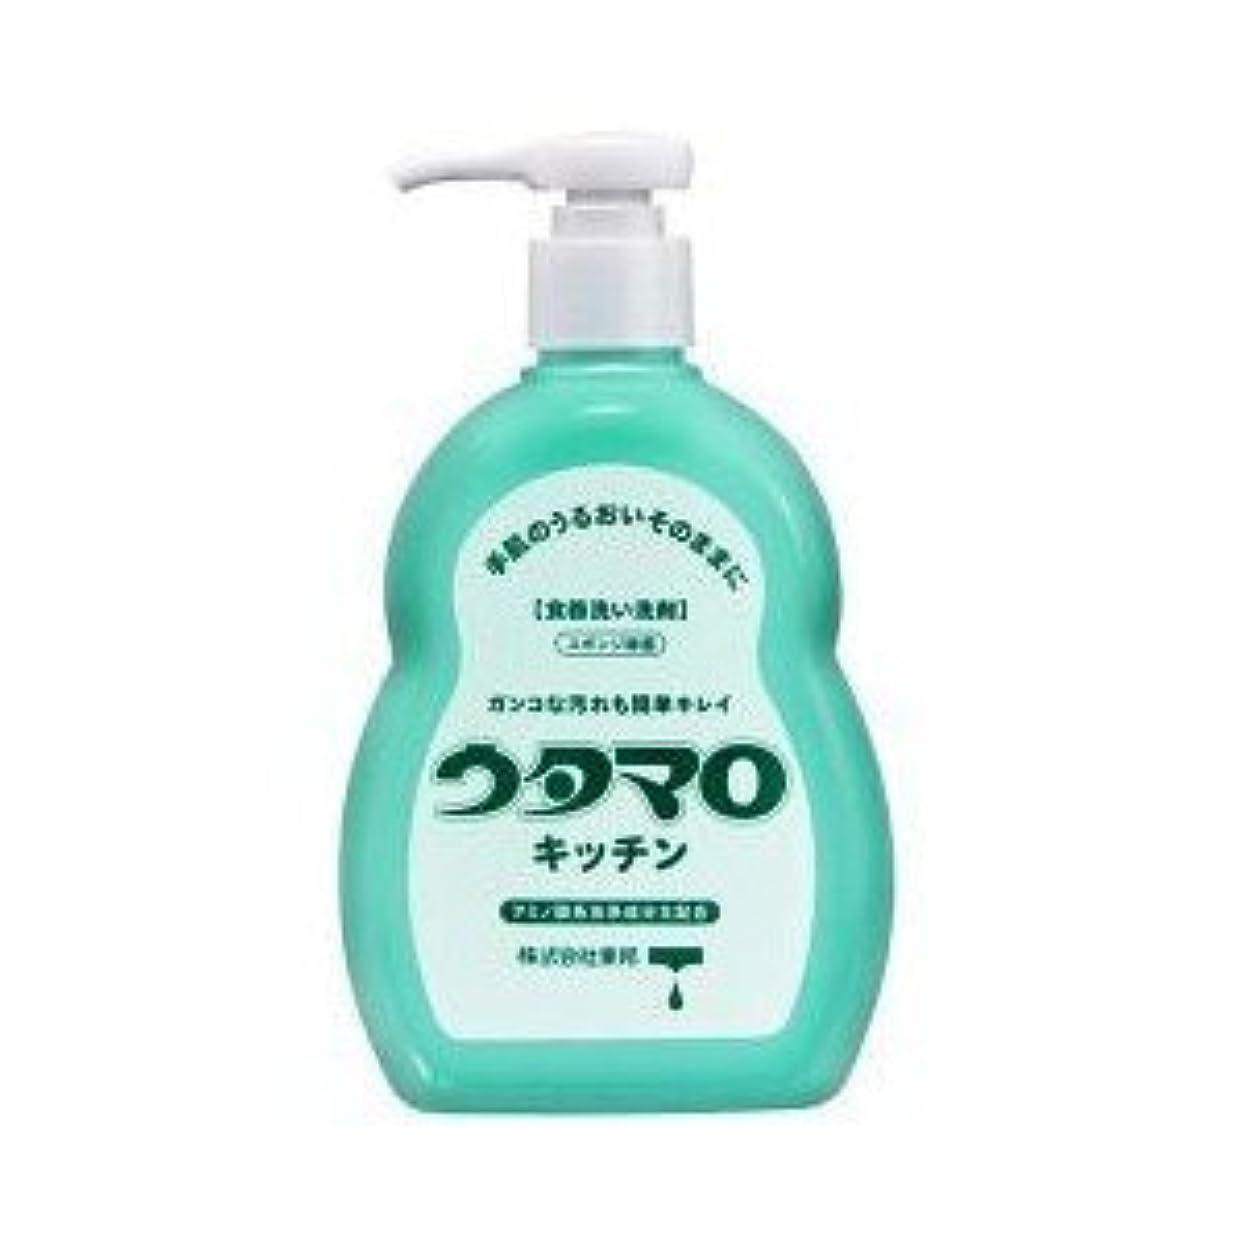 受取人お茶パスポートウタマロ キッチン 300ml 洗剤 洗浄剤 キッチン用 アミノ酸系洗浄成分主配合 さわやかなグリーンハーブの香り